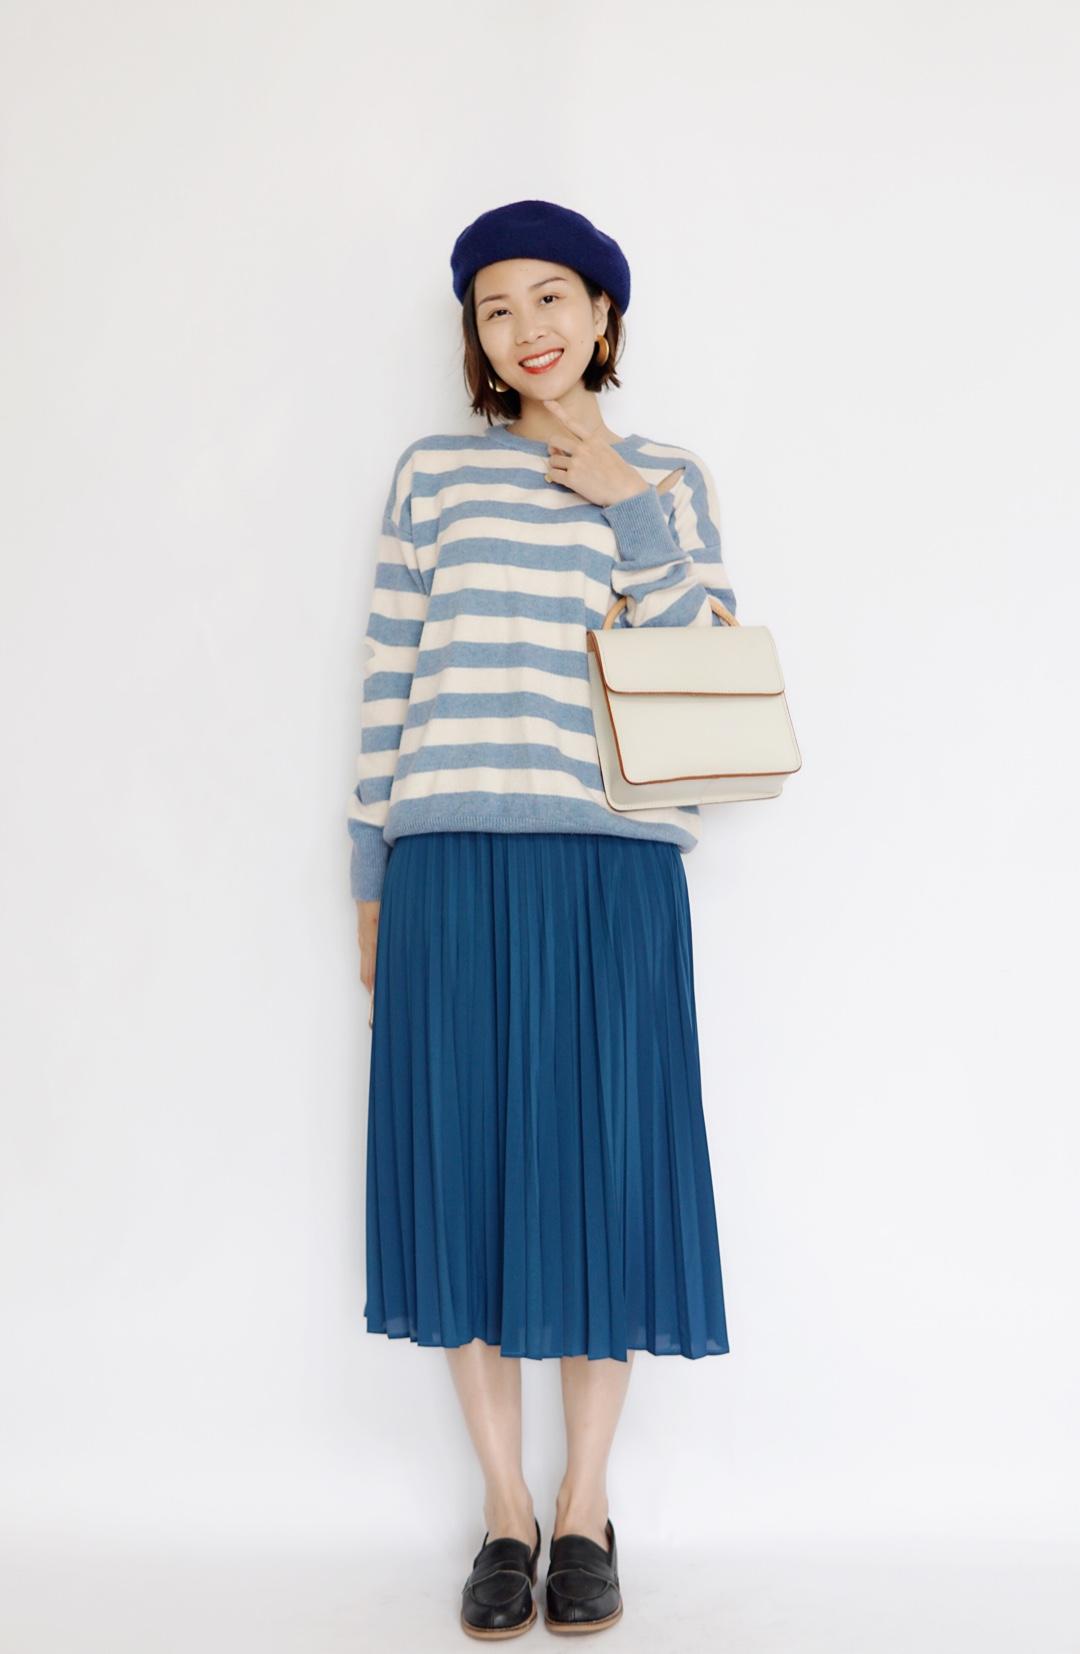 #偶像剧女主入春装备# 宽松毛衣搭配了比较飘逸的百褶裙,感觉这一套就好像是偶像剧女主的日常穿搭一样!而且蓝色系的衣服,显得超级温柔可爱。